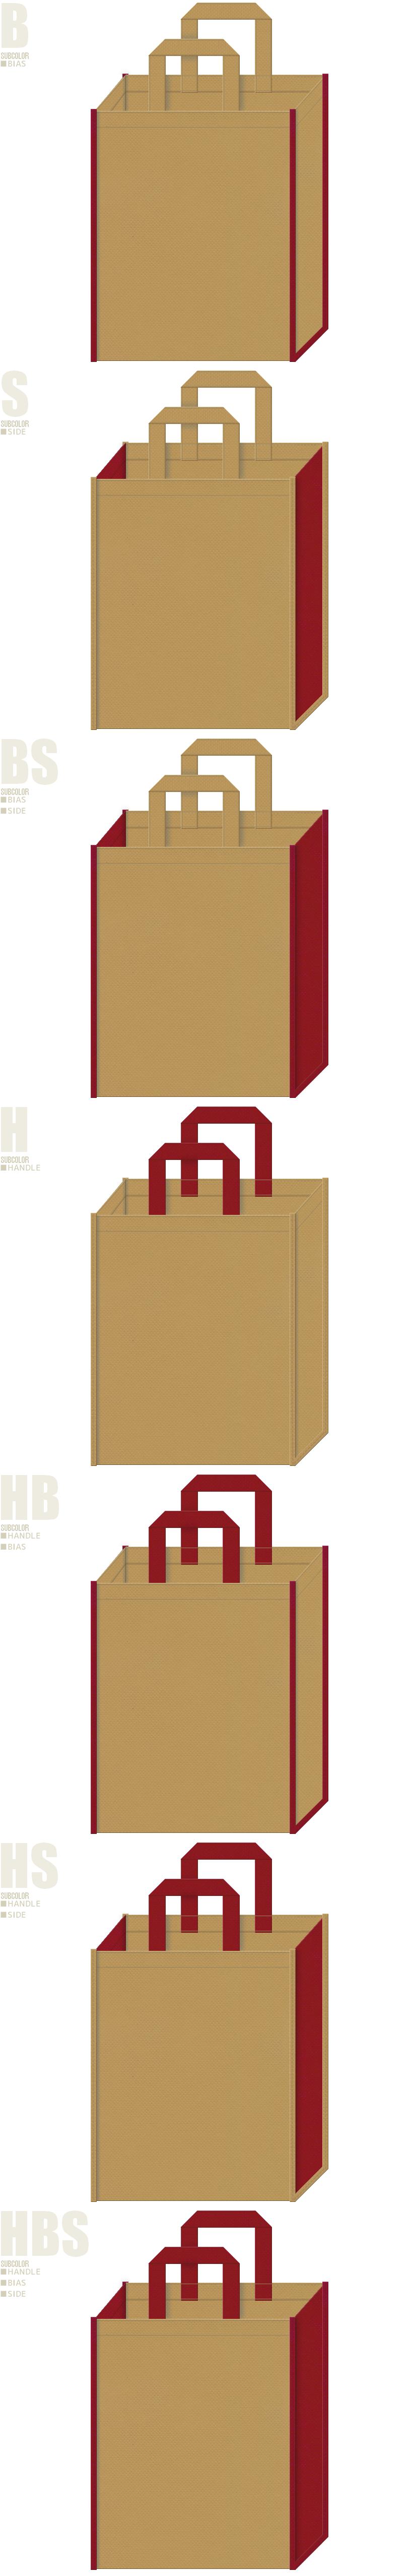 襖・障子・画材・額縁の展示会用バッグにお奨めの不織布バッグデザイン:金黄土色とエンジ色の不織布バッグ配色7パターン。